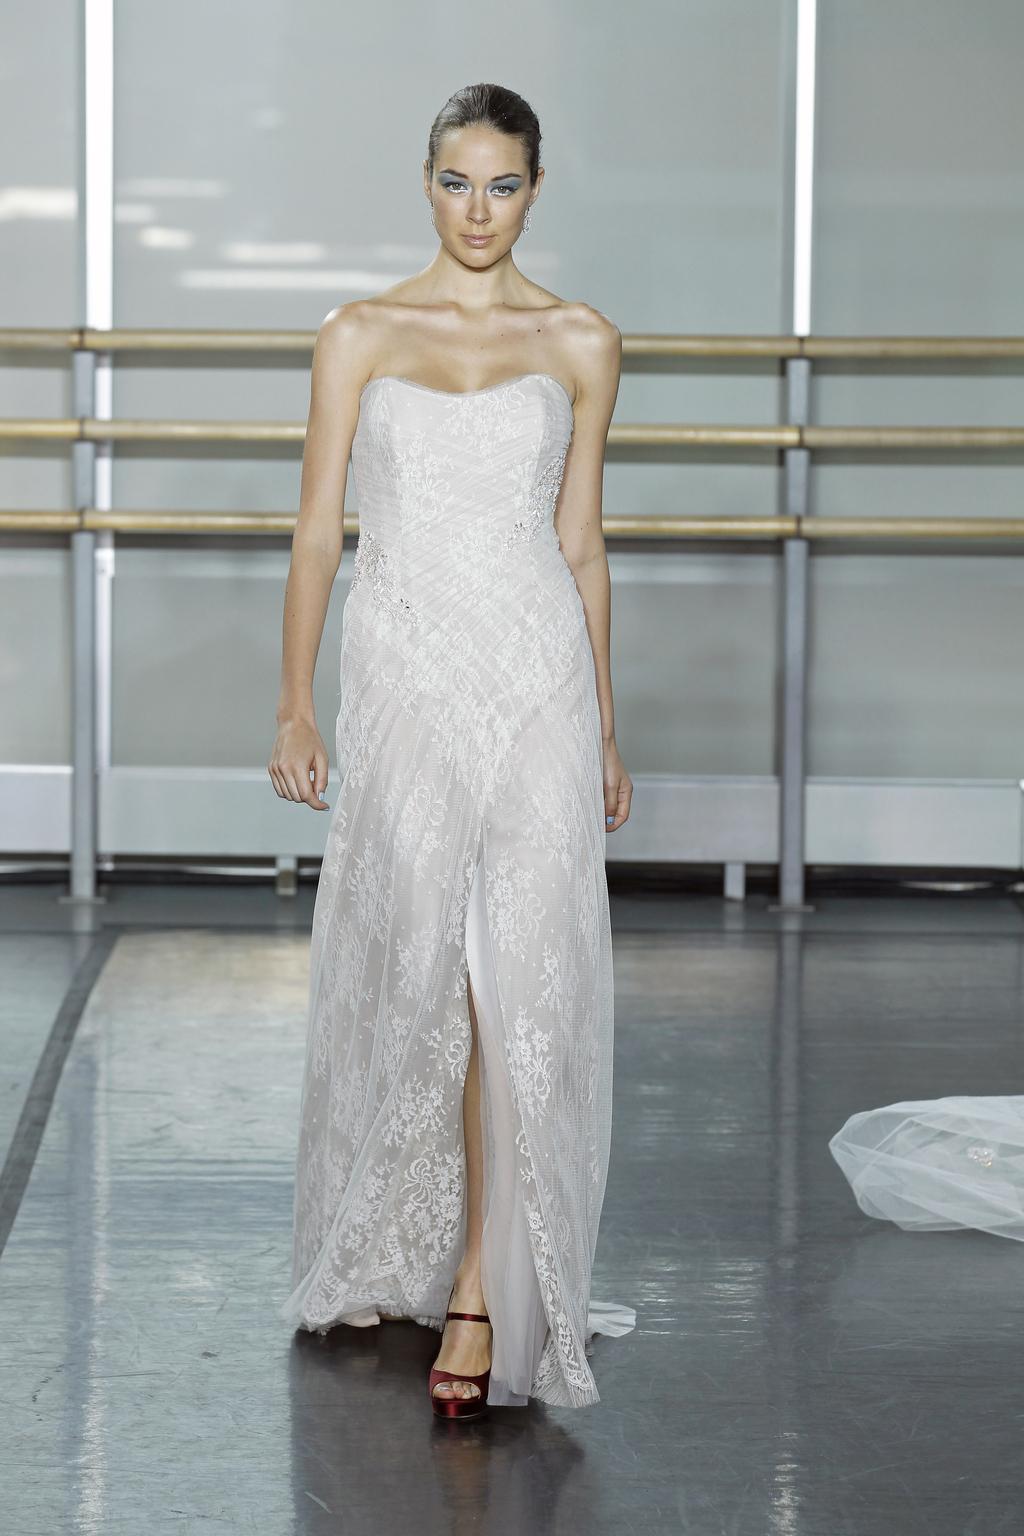 Rivini-wedding-dress-fall-2013-bridal-gown-celine.full